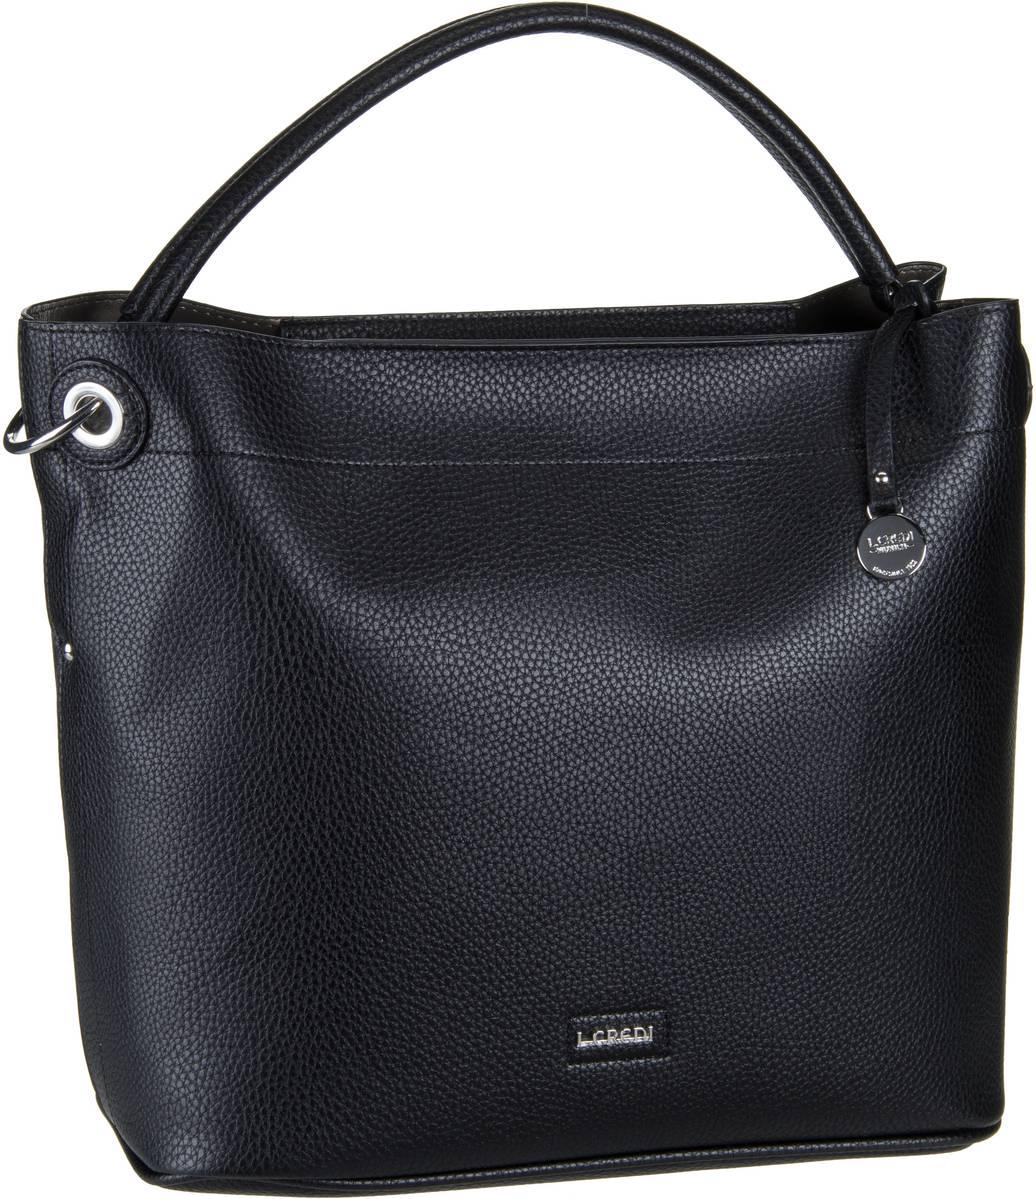 Handtasche Maxima 7674 Schwarz